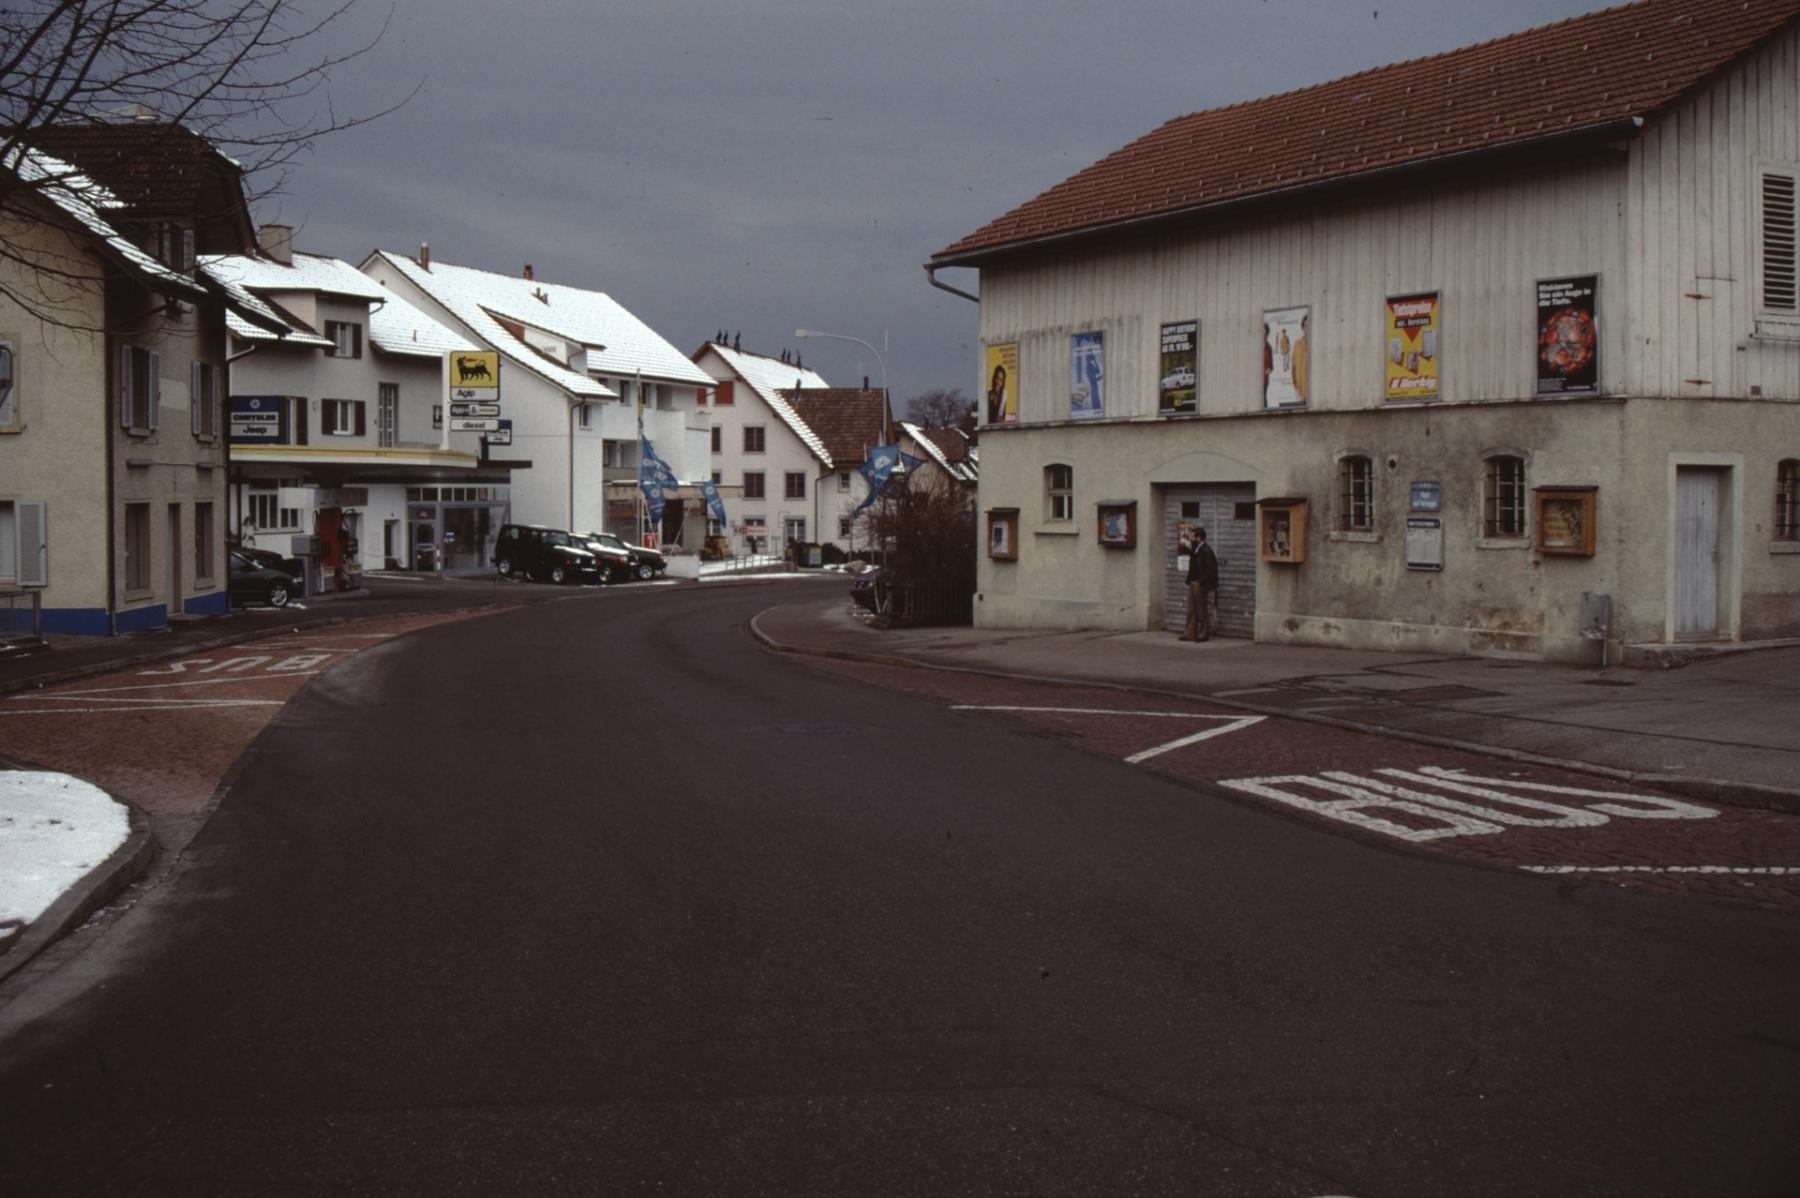 Bahnhofstrasse, Gemeindescheune, Garage Trachsler, alter Coop (Winter)